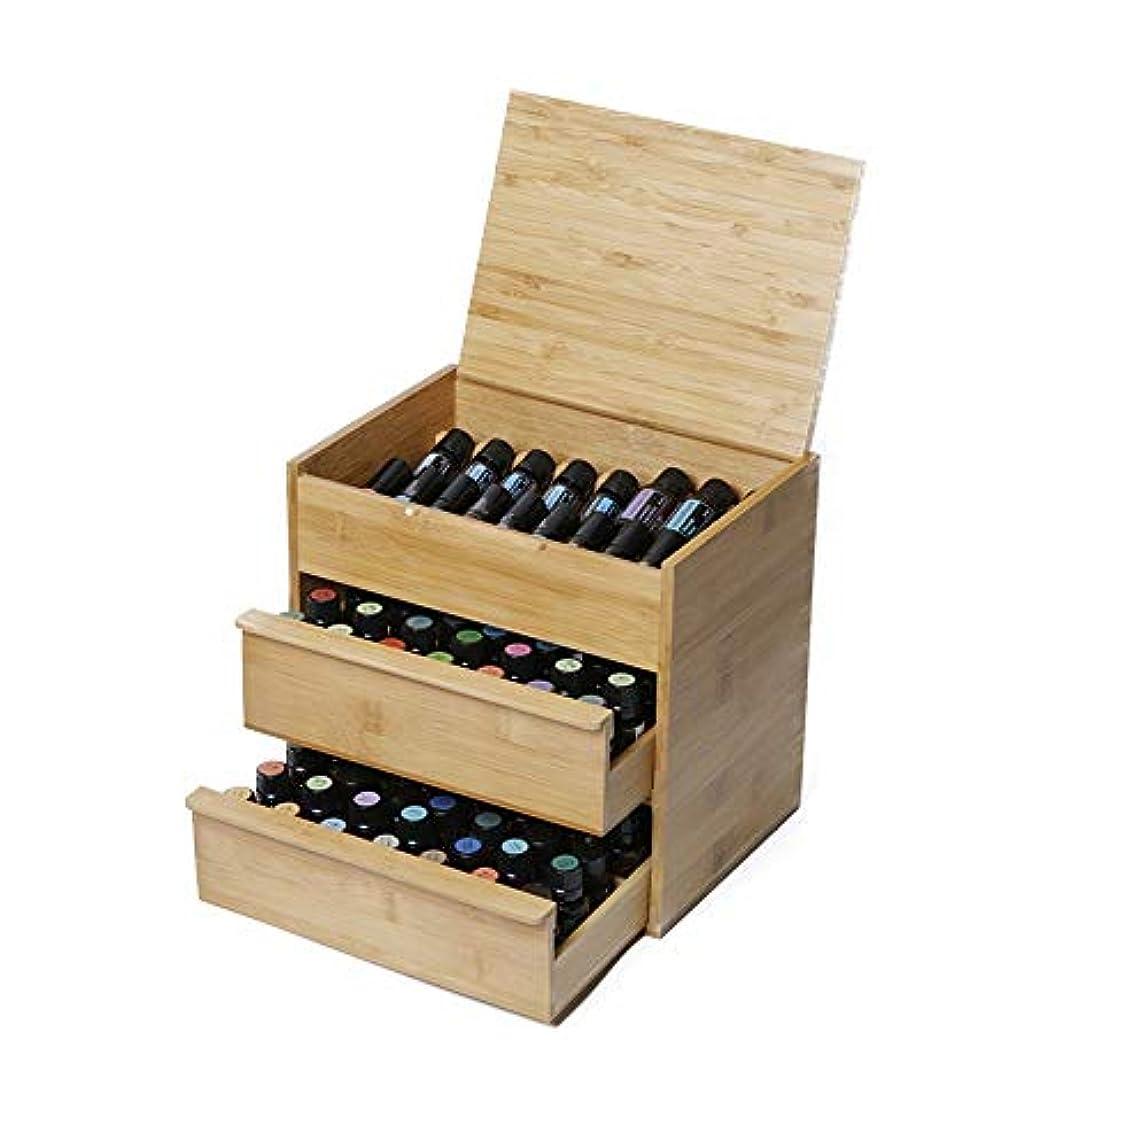 日光プーノとげのあるアロマセラピー収納ボックス 天然竹木のオイルボックスのスロット3つの棚内88動きが15/10/5ミリリットル瓶を開催しました エッセンシャルオイル収納ボックス (色 : Natural, サイズ : 26.5X24.5X19CM)